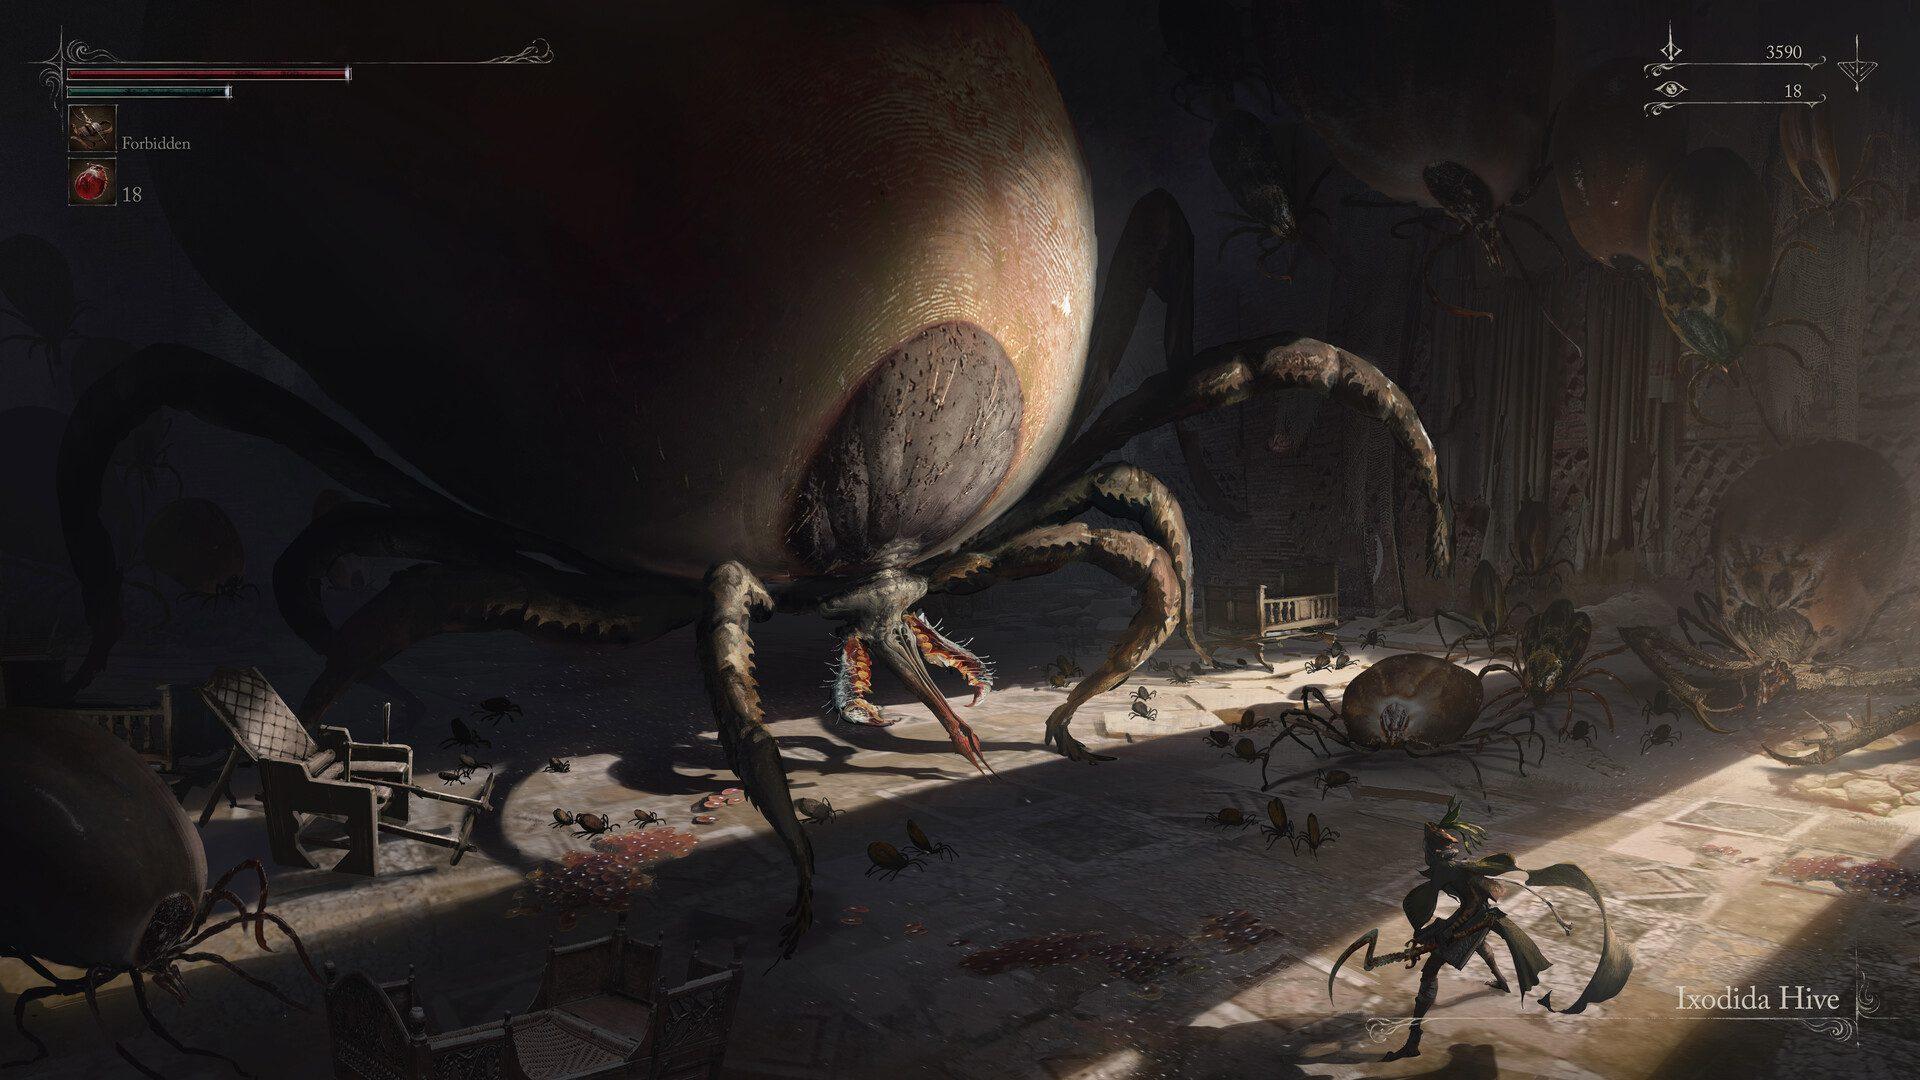 Thomas Chamberlain de Playground Games muestra arte conceptual de como sería su Bloodborne 2 - Un trabajador de Playground Games ha mostrado su propia idea de como sería una secuela de Bloodborne bajo su estilo artístico.